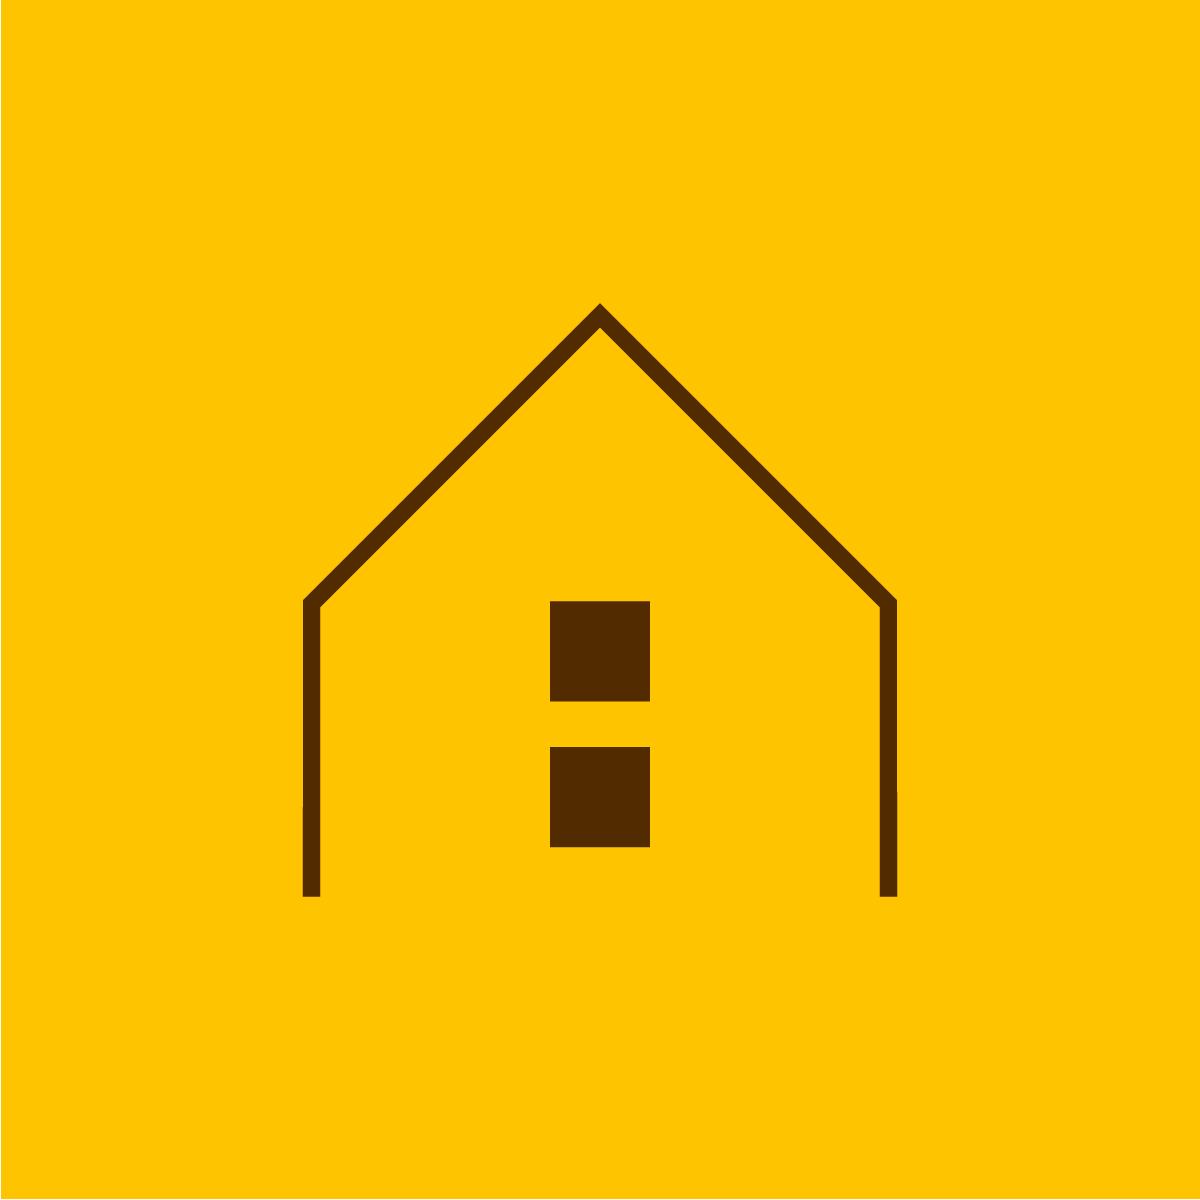 Einfamilienhaus-Icon der BRALE Bau GmbH